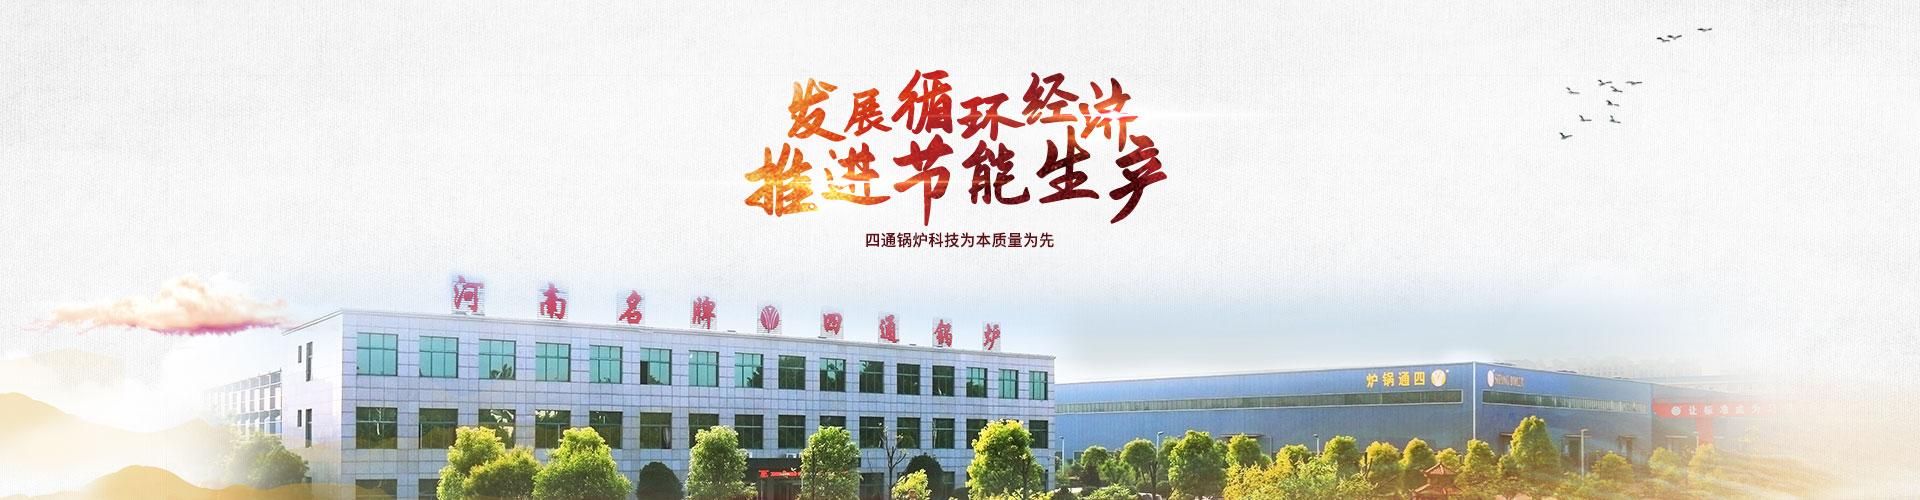 河南省四通锅炉厂